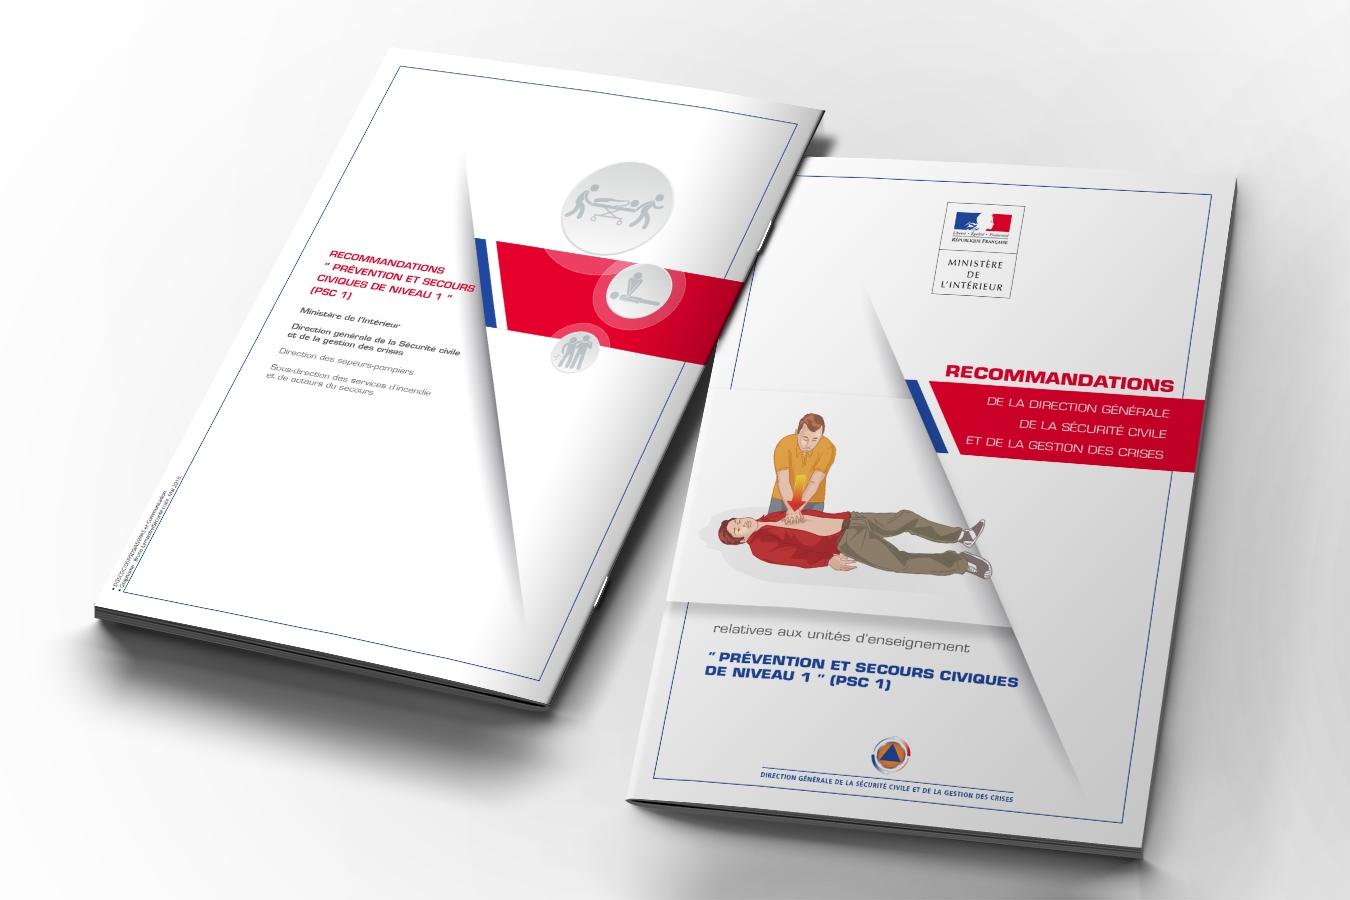 Guides secourisme Sécurité civile. Portfolio de Bruno Lemaistre, graphiste freelance à Paris